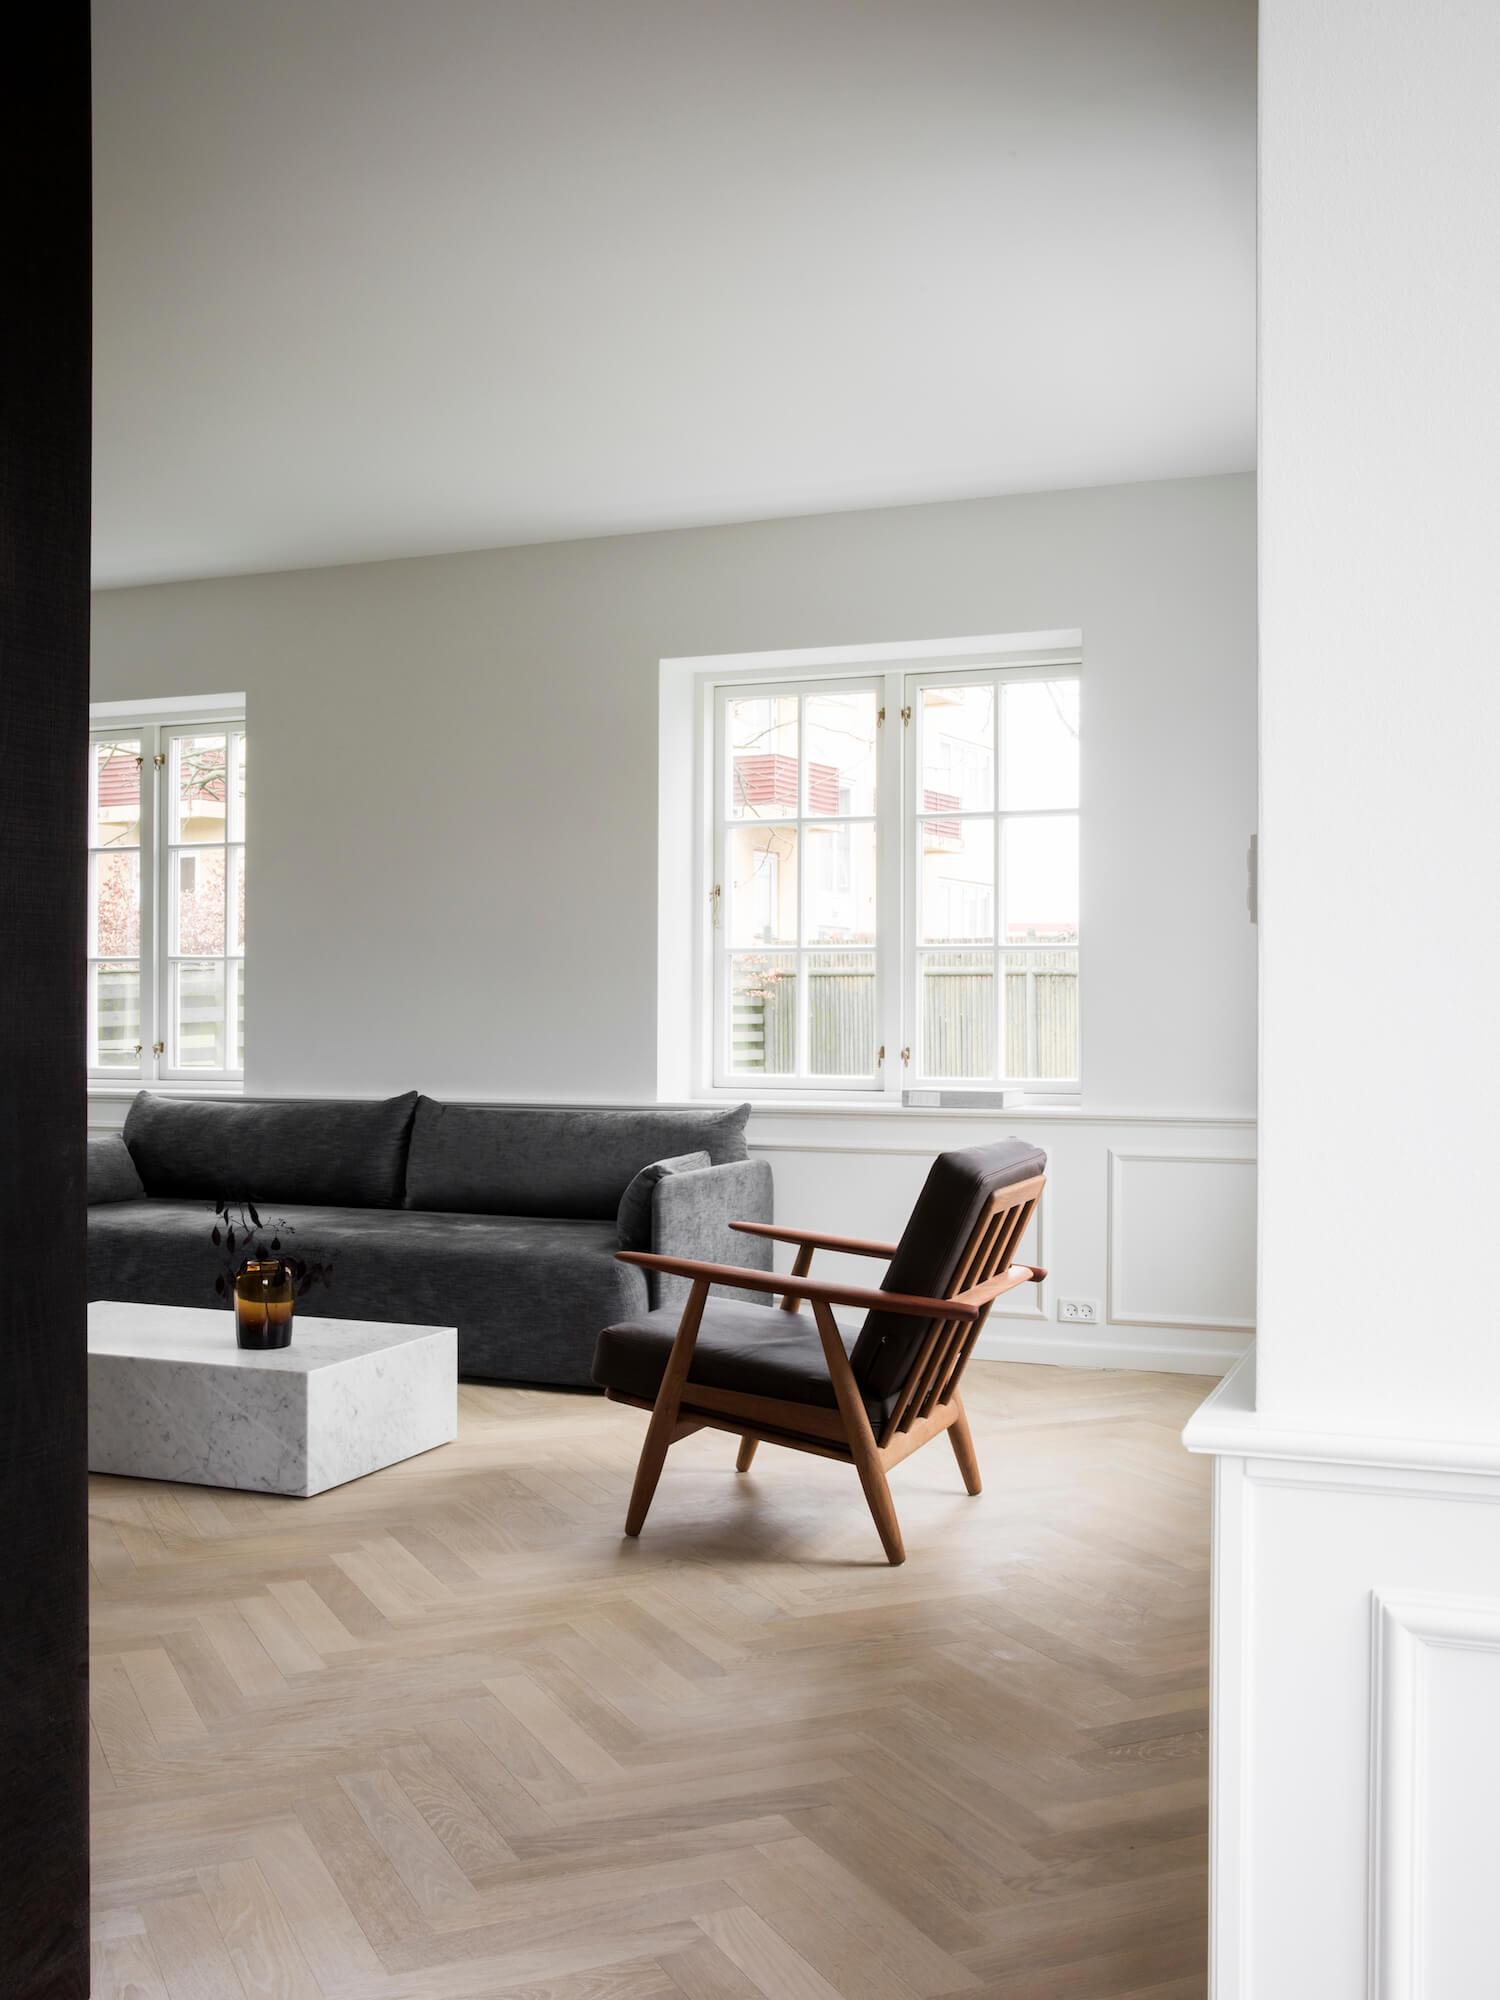 est living copenhagen apartment norm architects 10